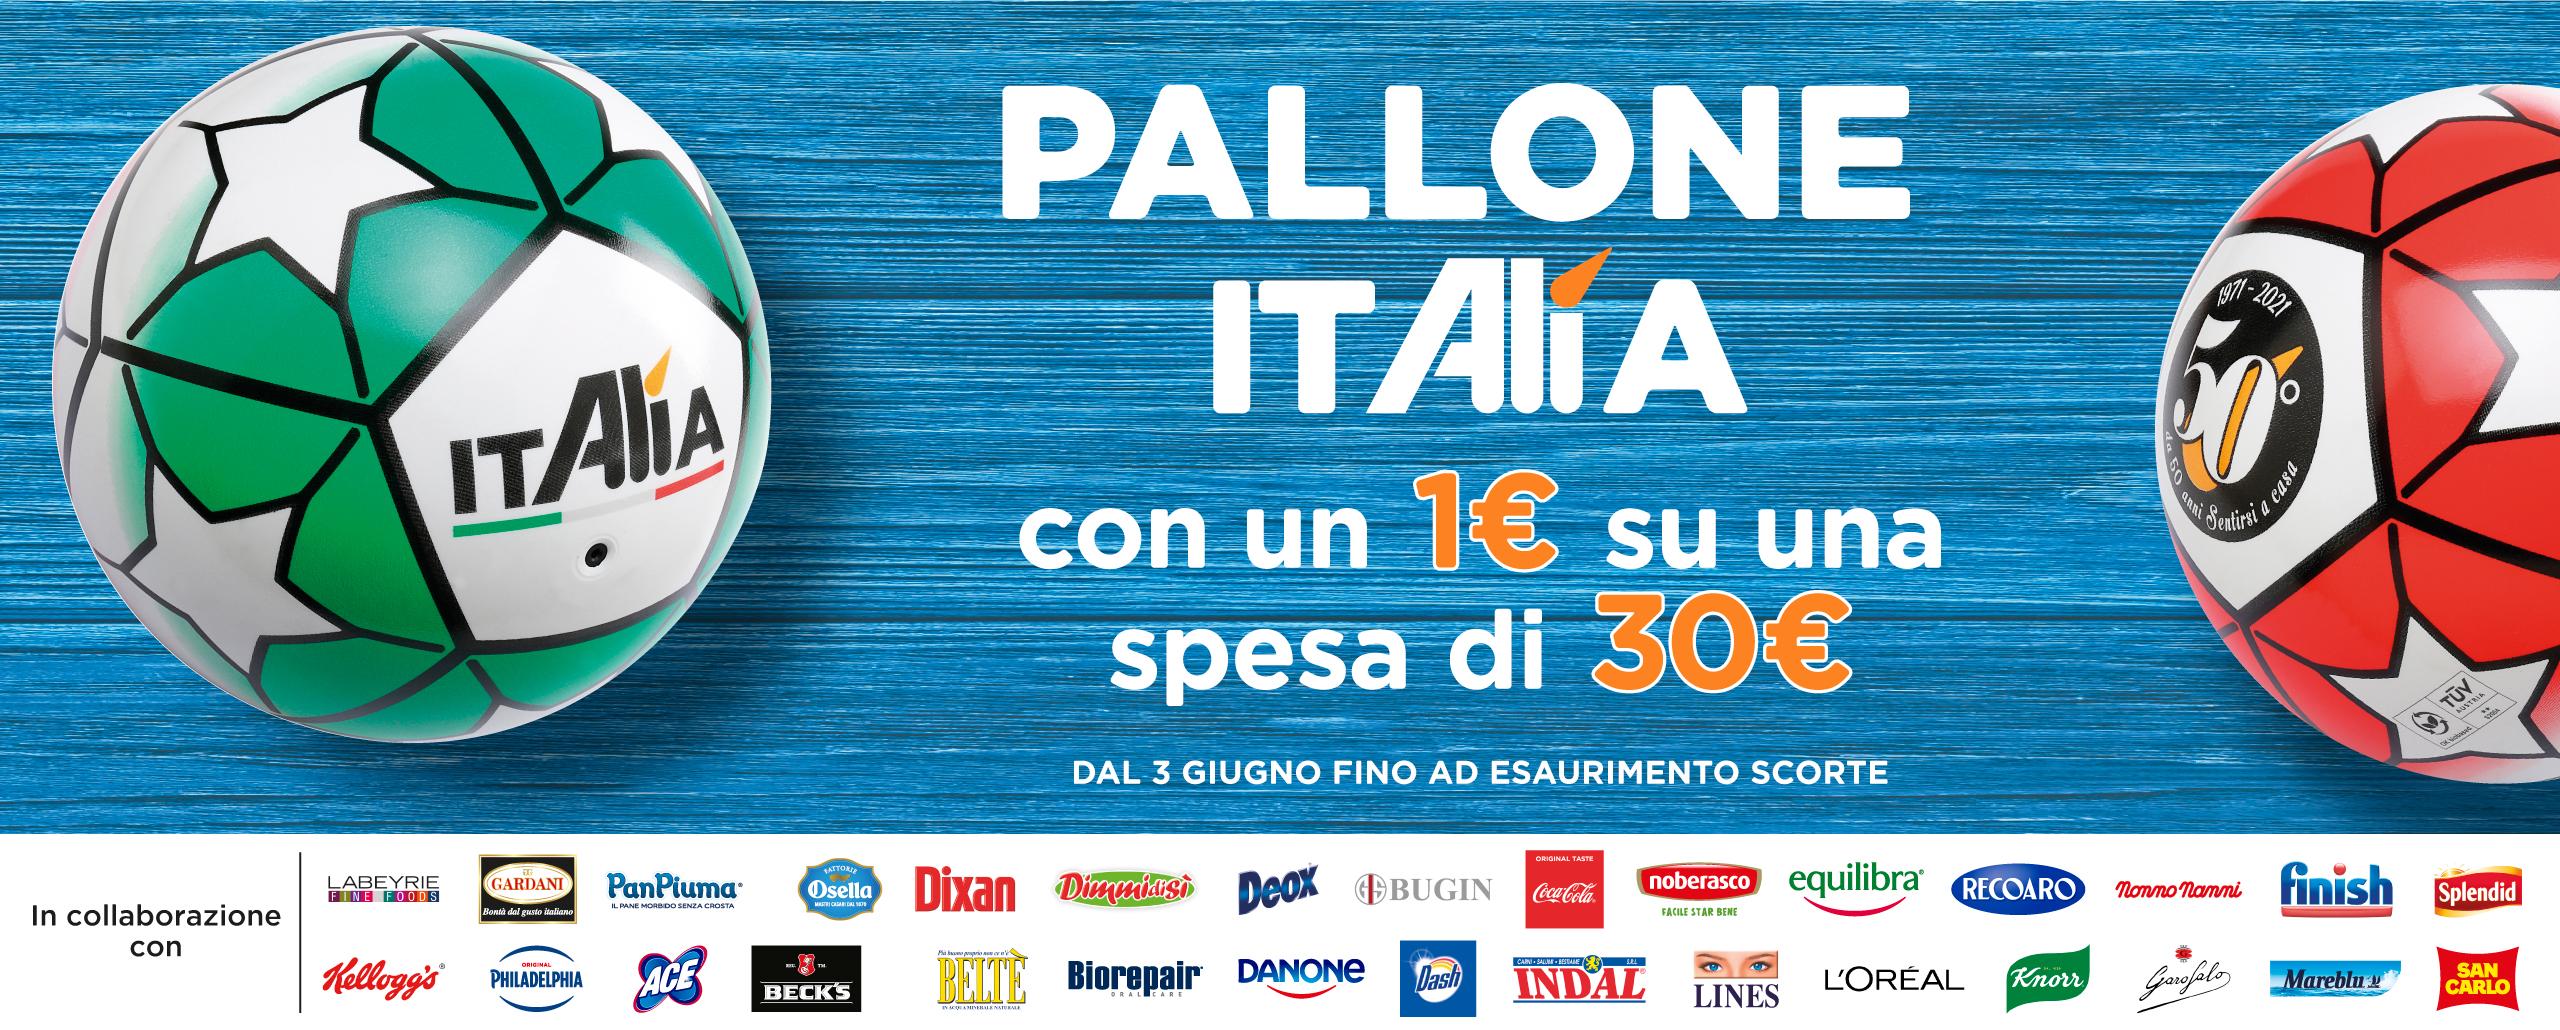 Self palloni ItALIa (sito)